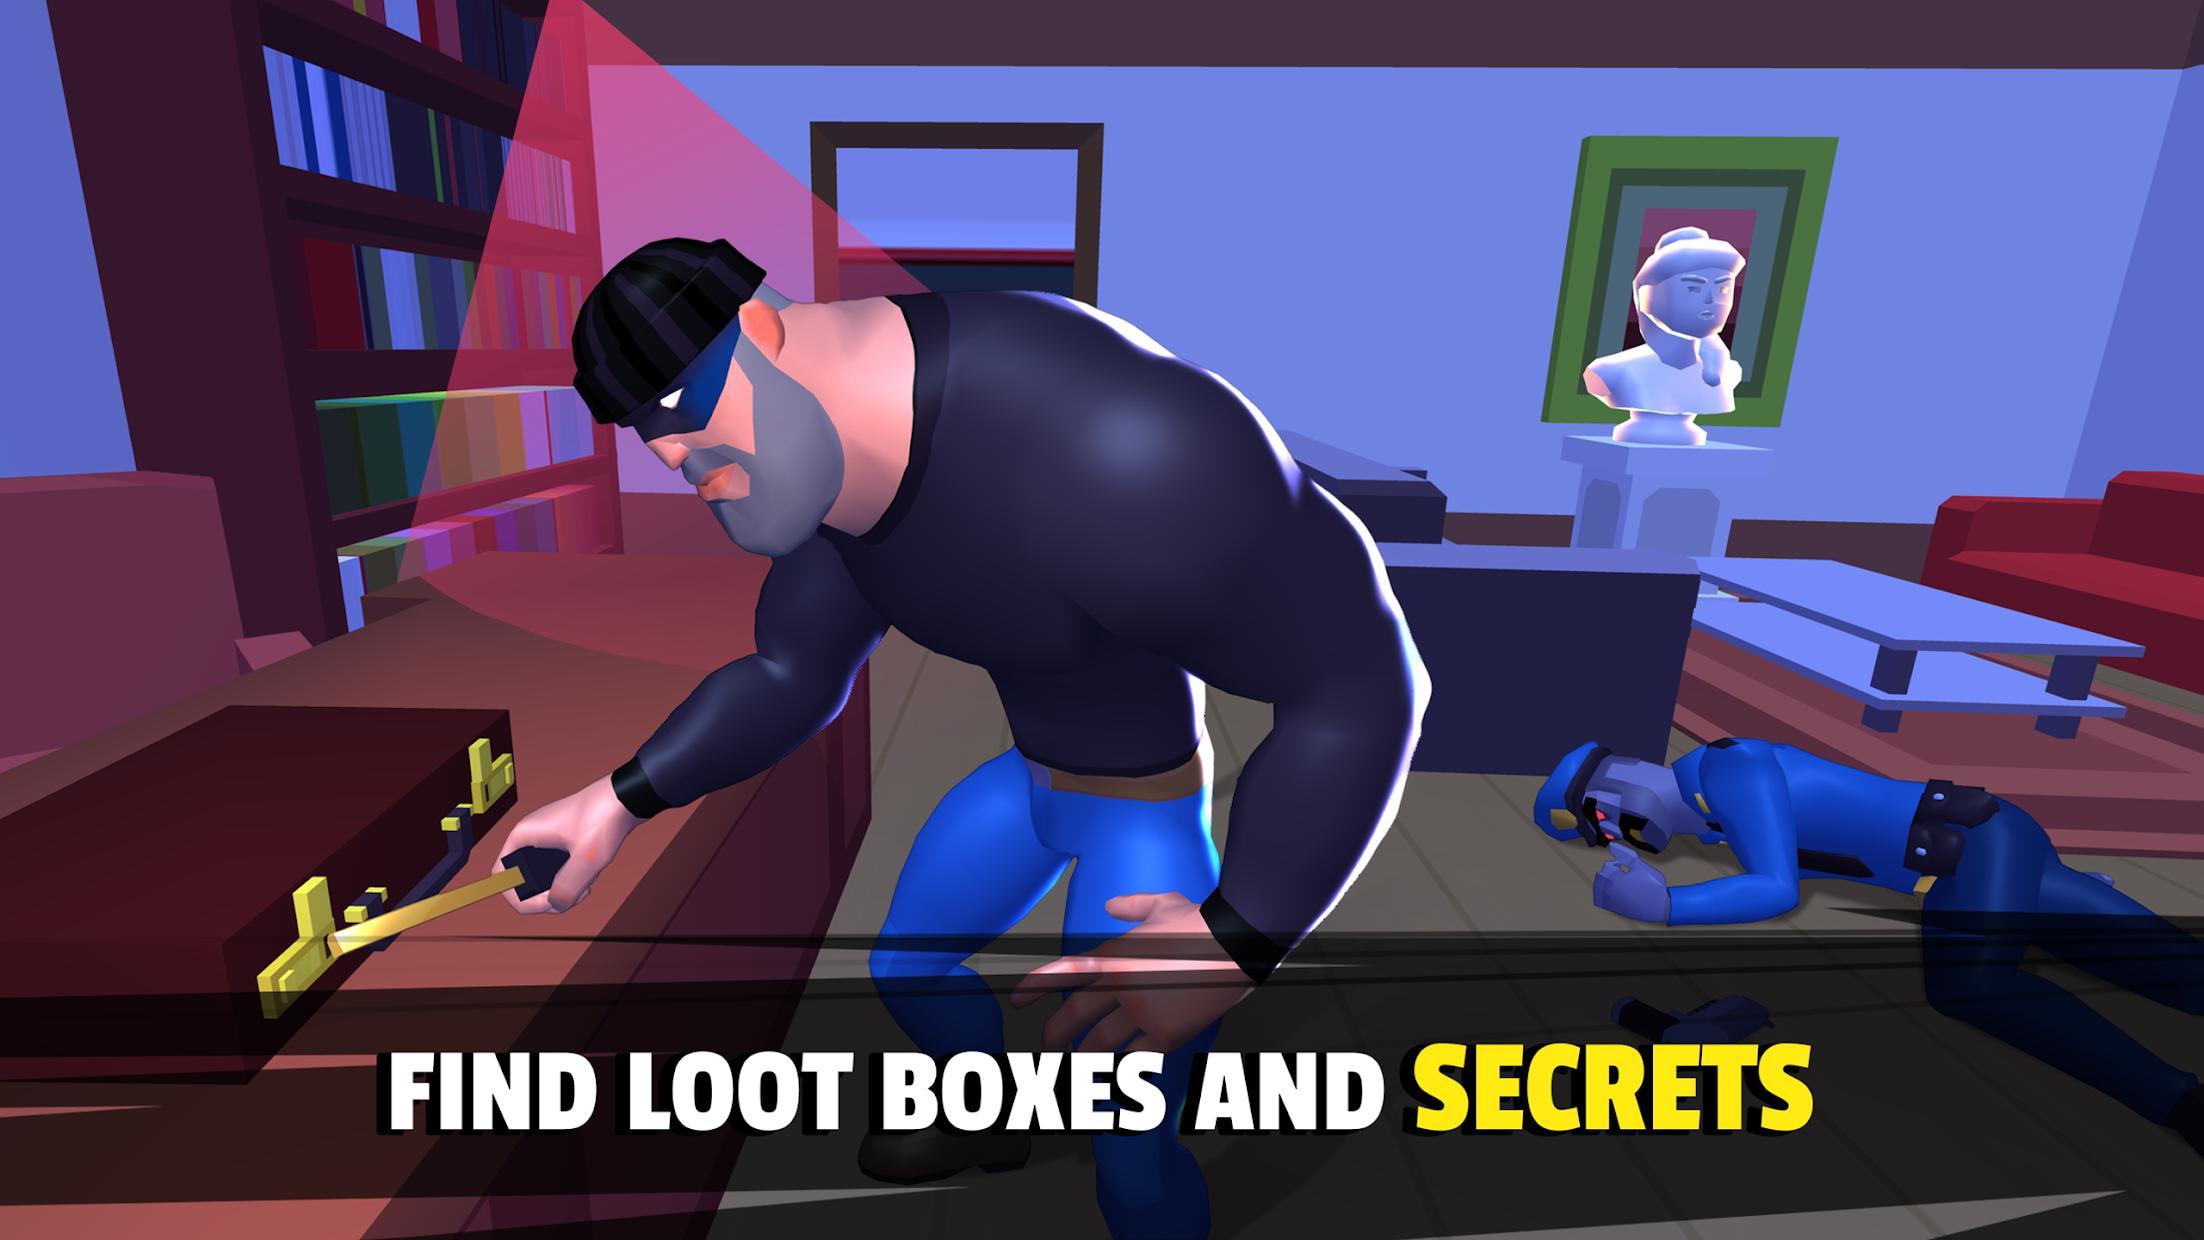 盗贼模拟器 游戏截图5